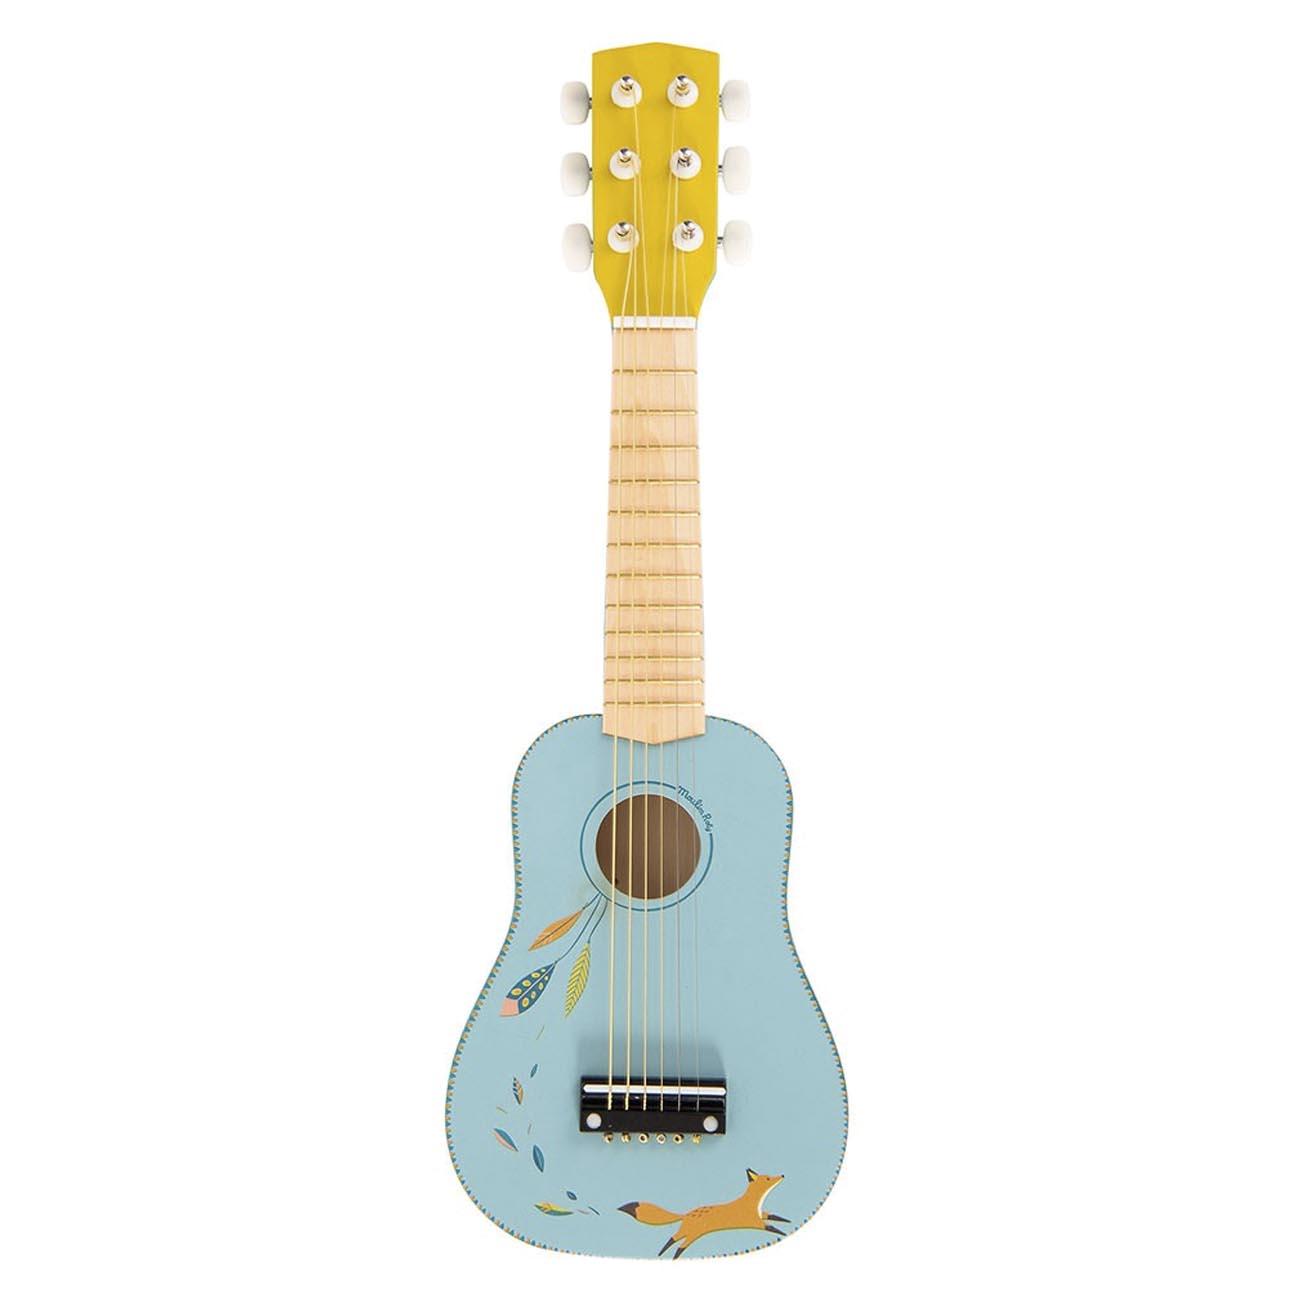 Moulin Roty guitar - Moulin Roty - Børneneskartel.dk